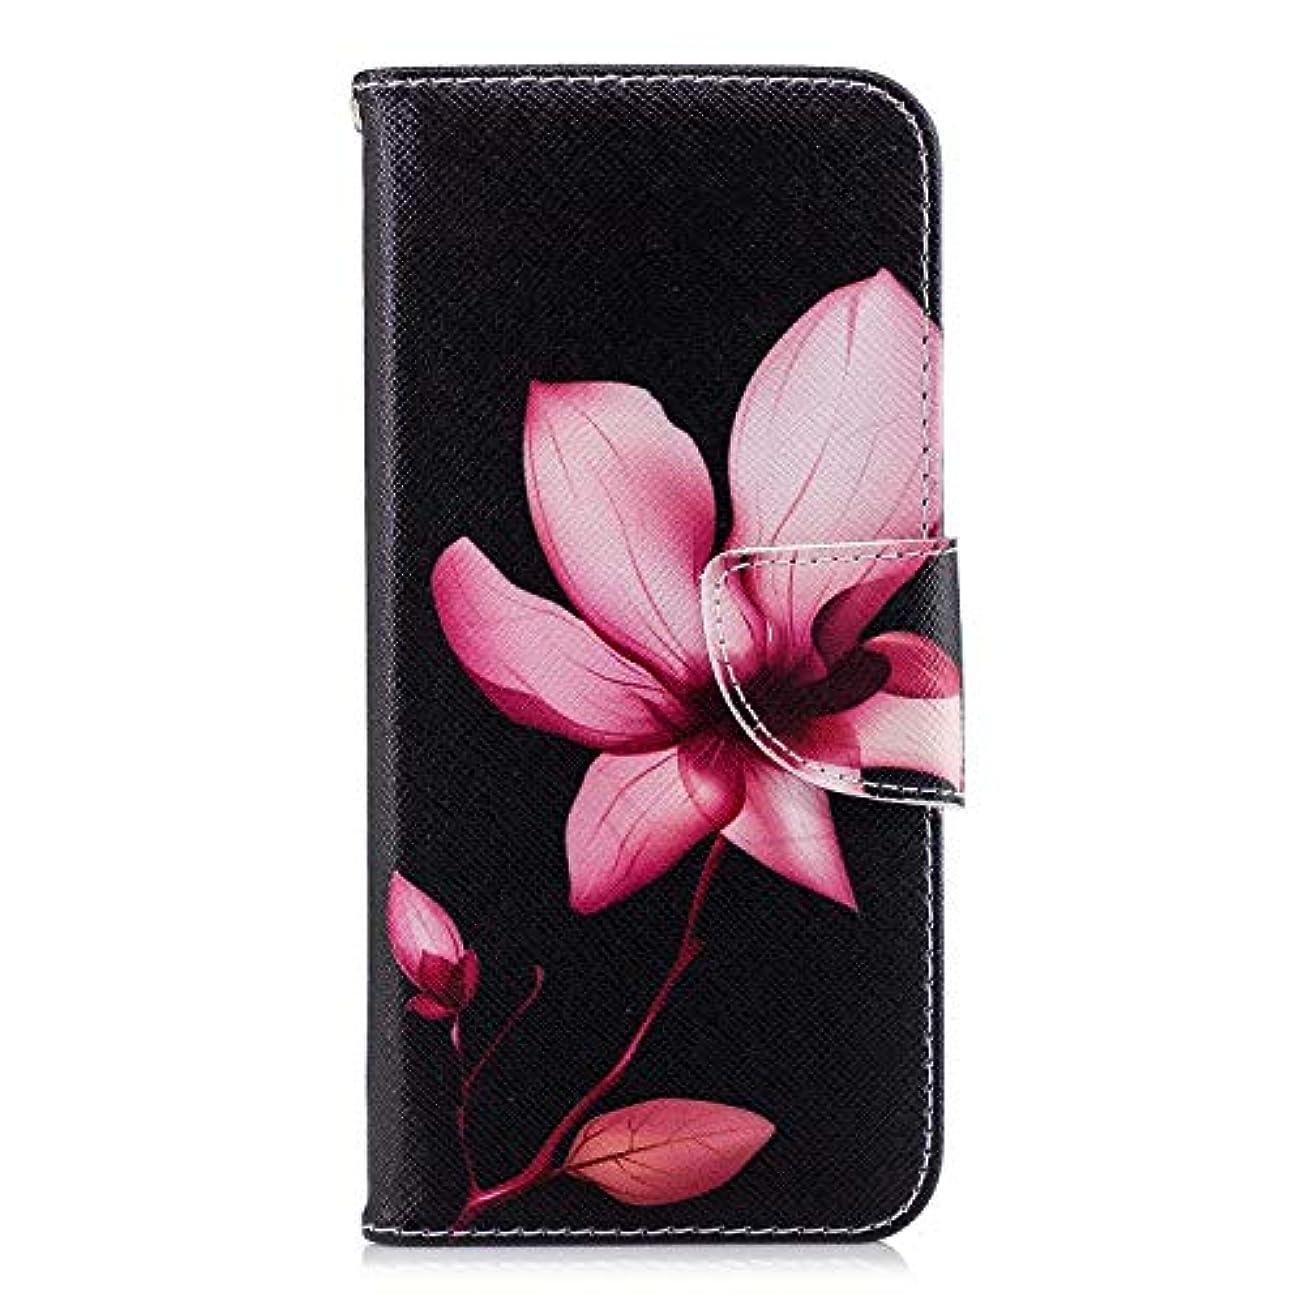 不要経営者立派なOMATENTI Huawei Honor 10 ケース, ファッション人気 PUレザー 手帳 軽量 電話ケース 耐衝撃性 落下防止 薄型 スマホケースザー 付きスタンド機能, マグネット開閉式 そしてカード収納 Huawei...